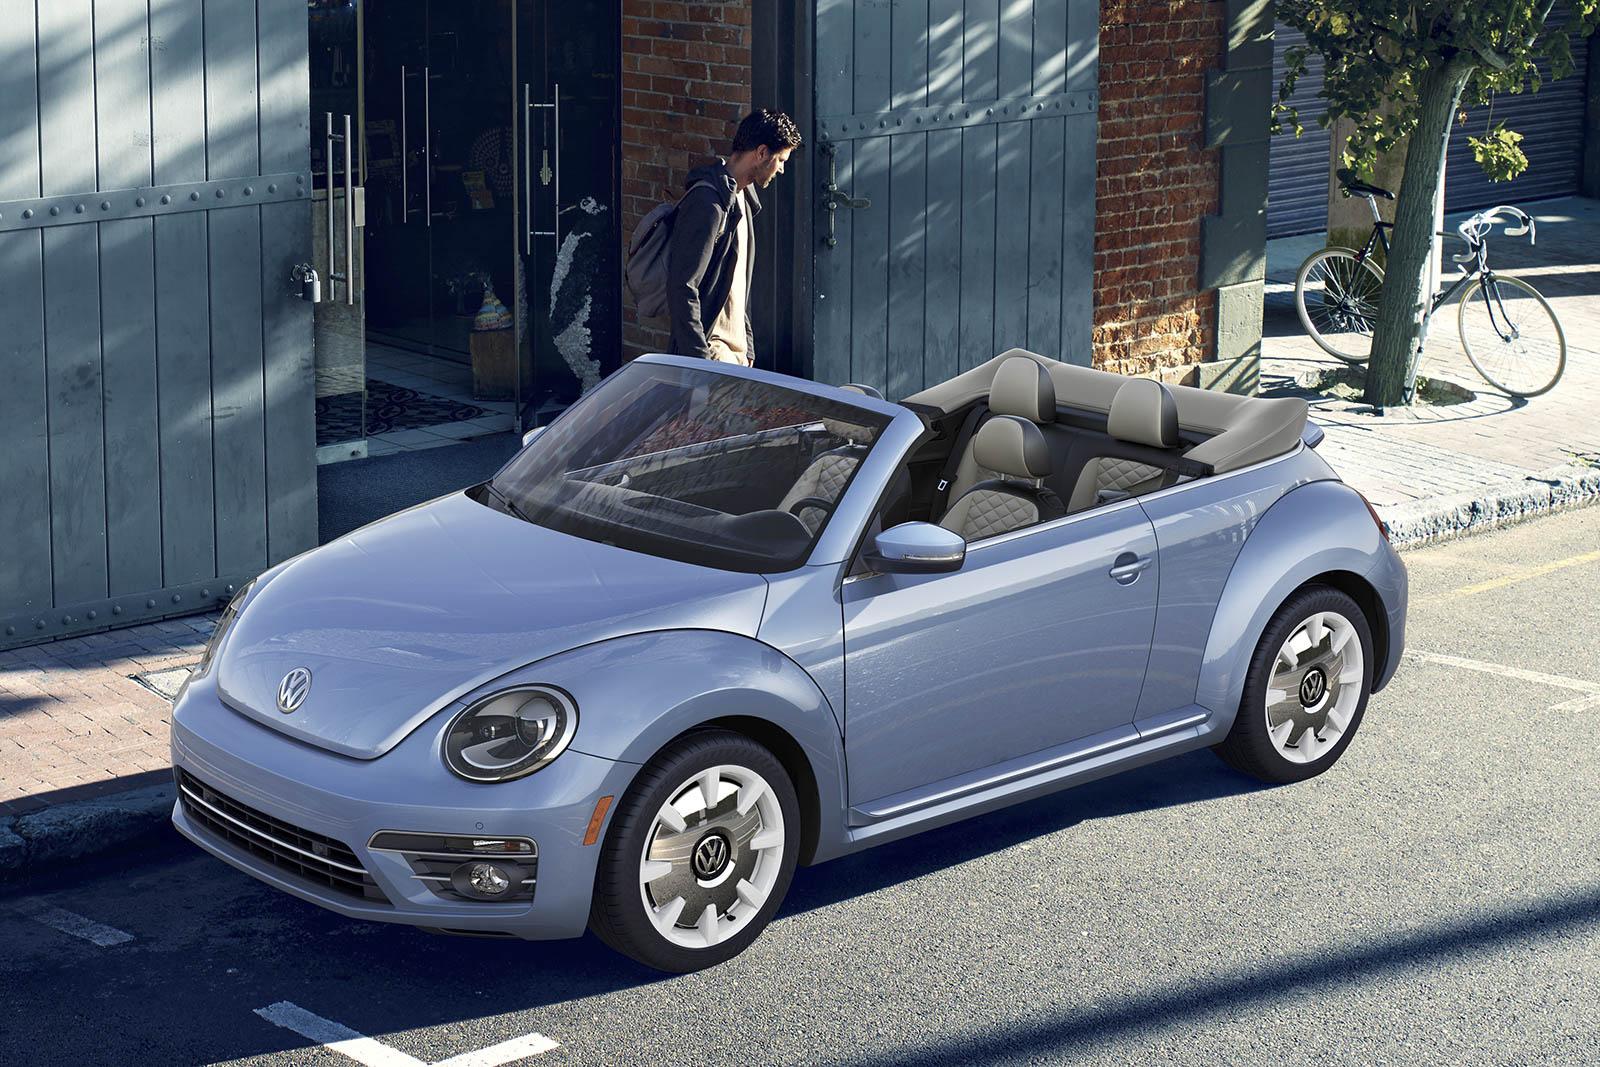 2019 Volkswagen Beetle Convertible front 3/4